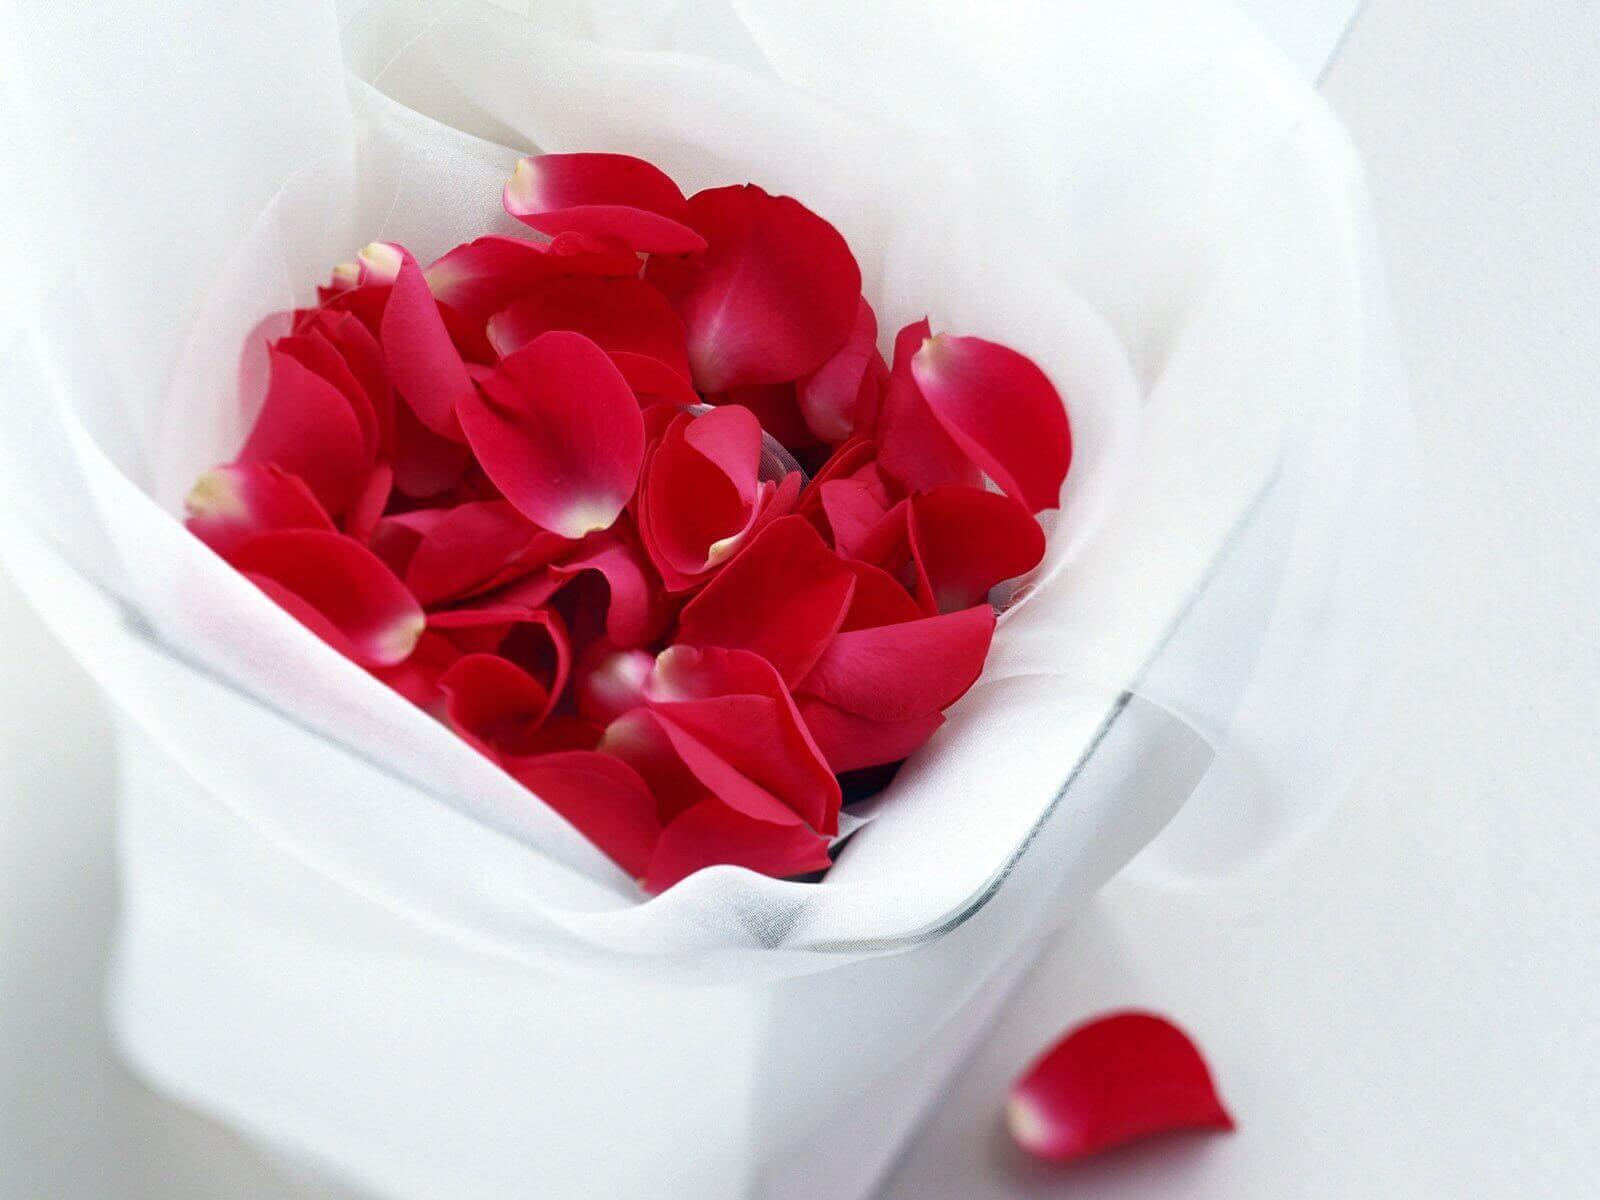 Eeuwenoude schoonheidstrucjes: rozenblaadjes